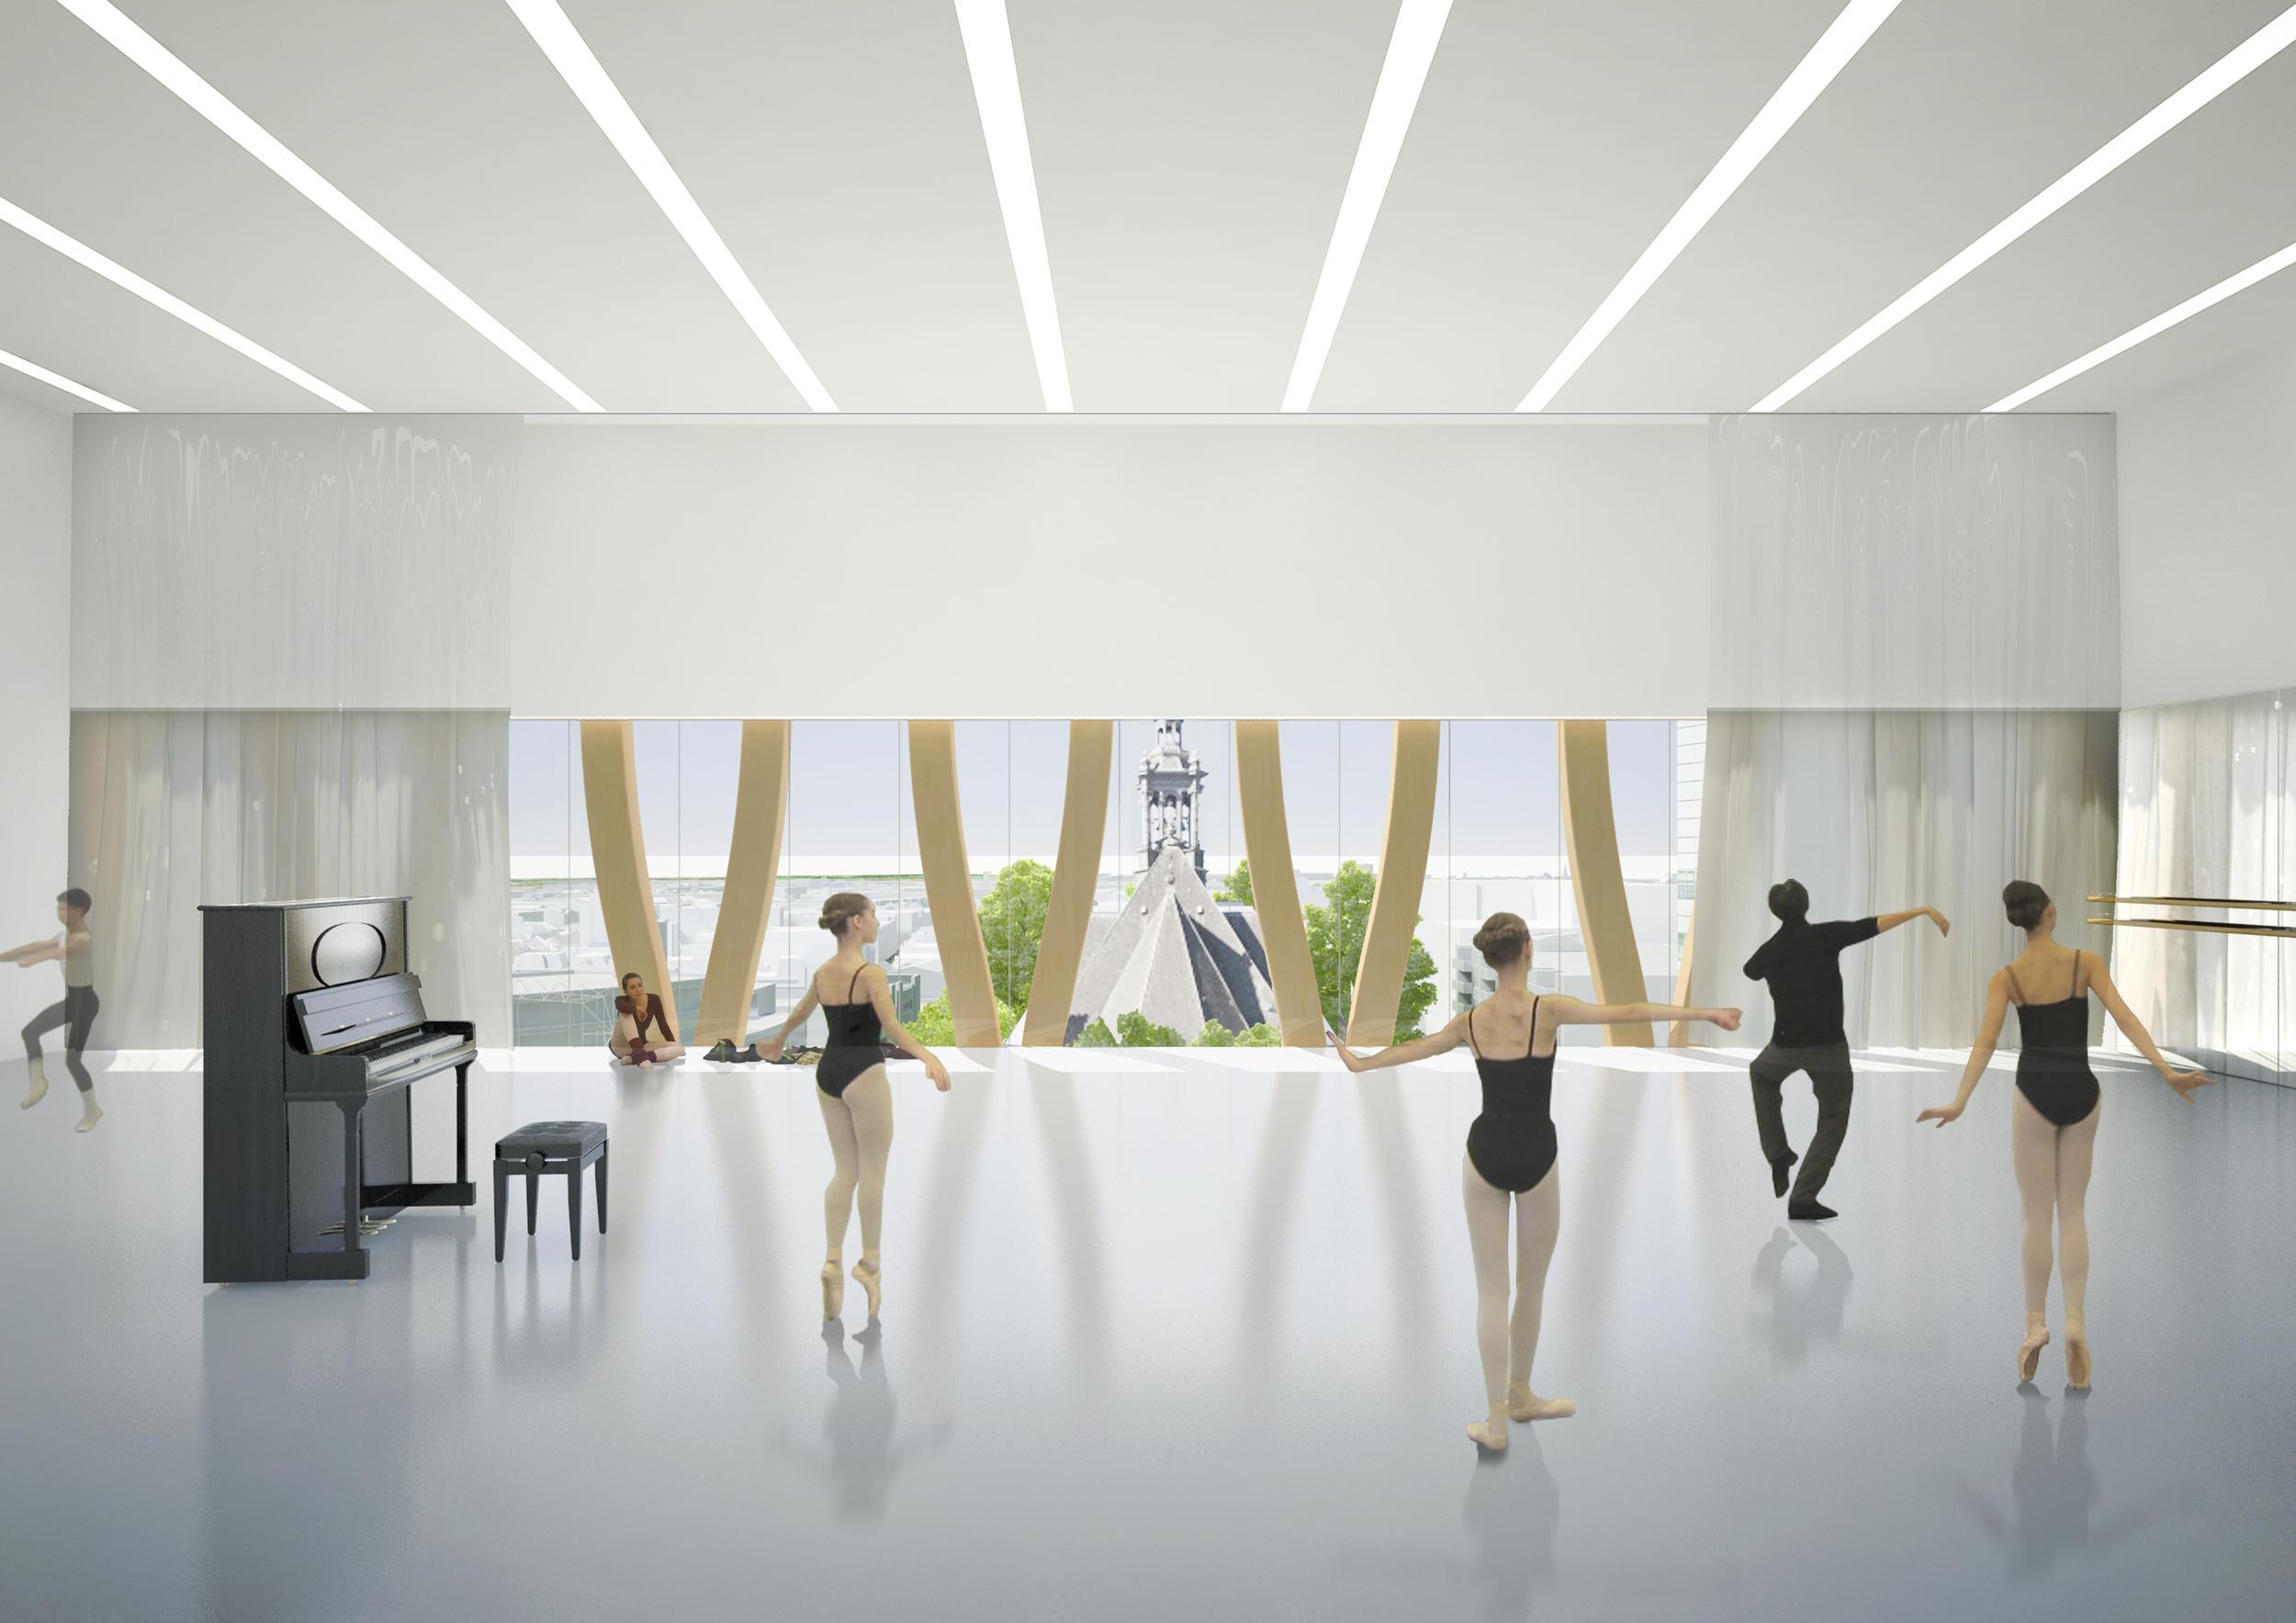 dansstudio onderwijs- en cultuurcomplex te Den Haag